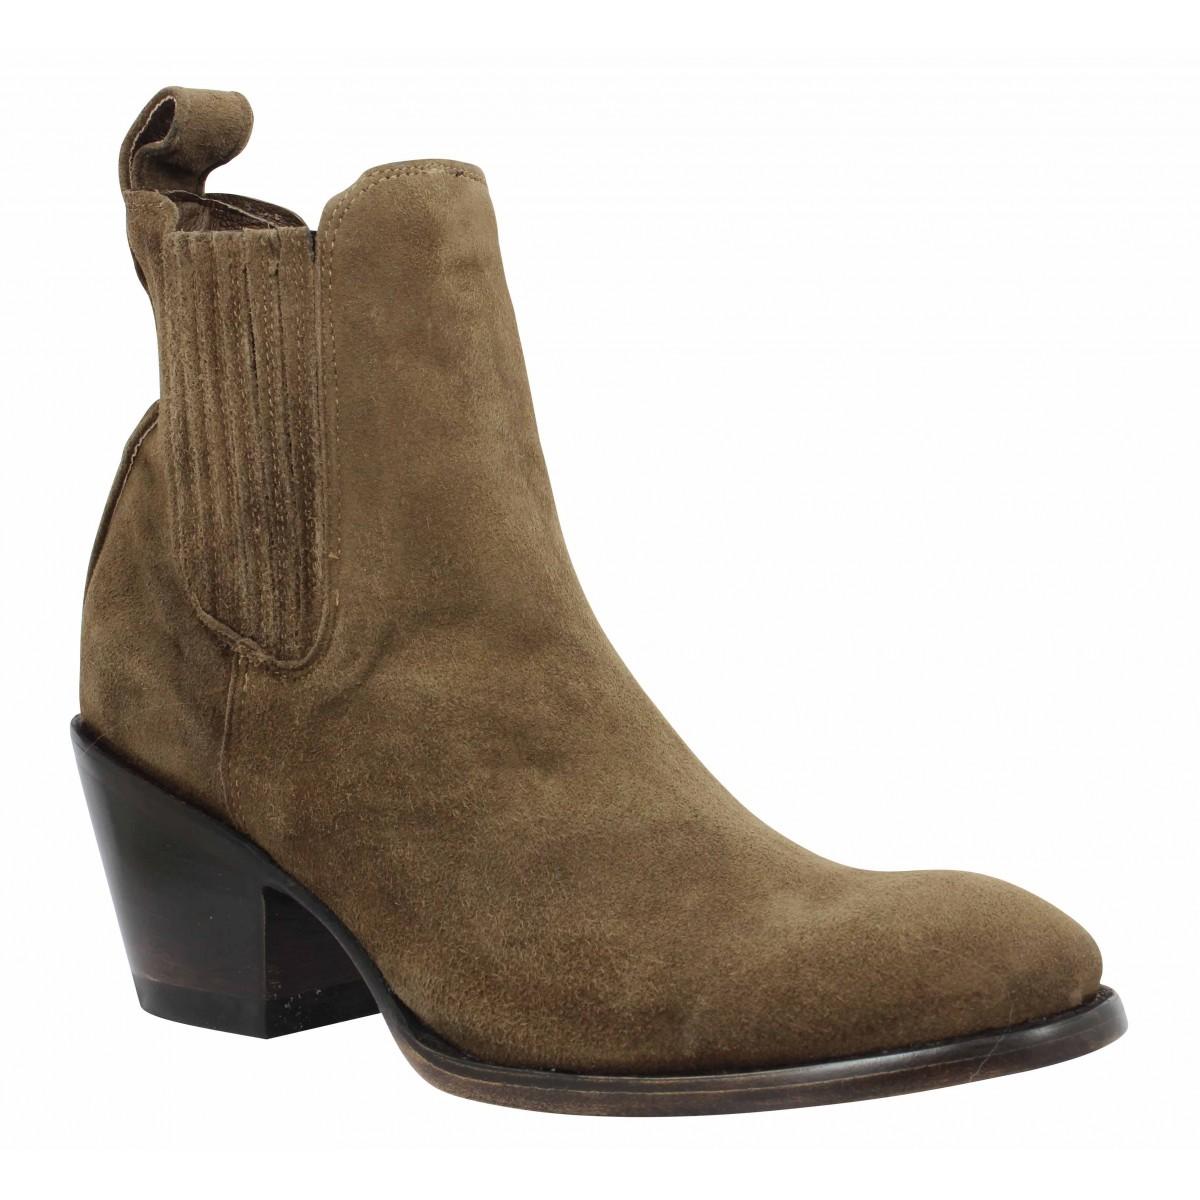 marron velours femme chaussures femme estudio Fanny Mexicana wTq1RR